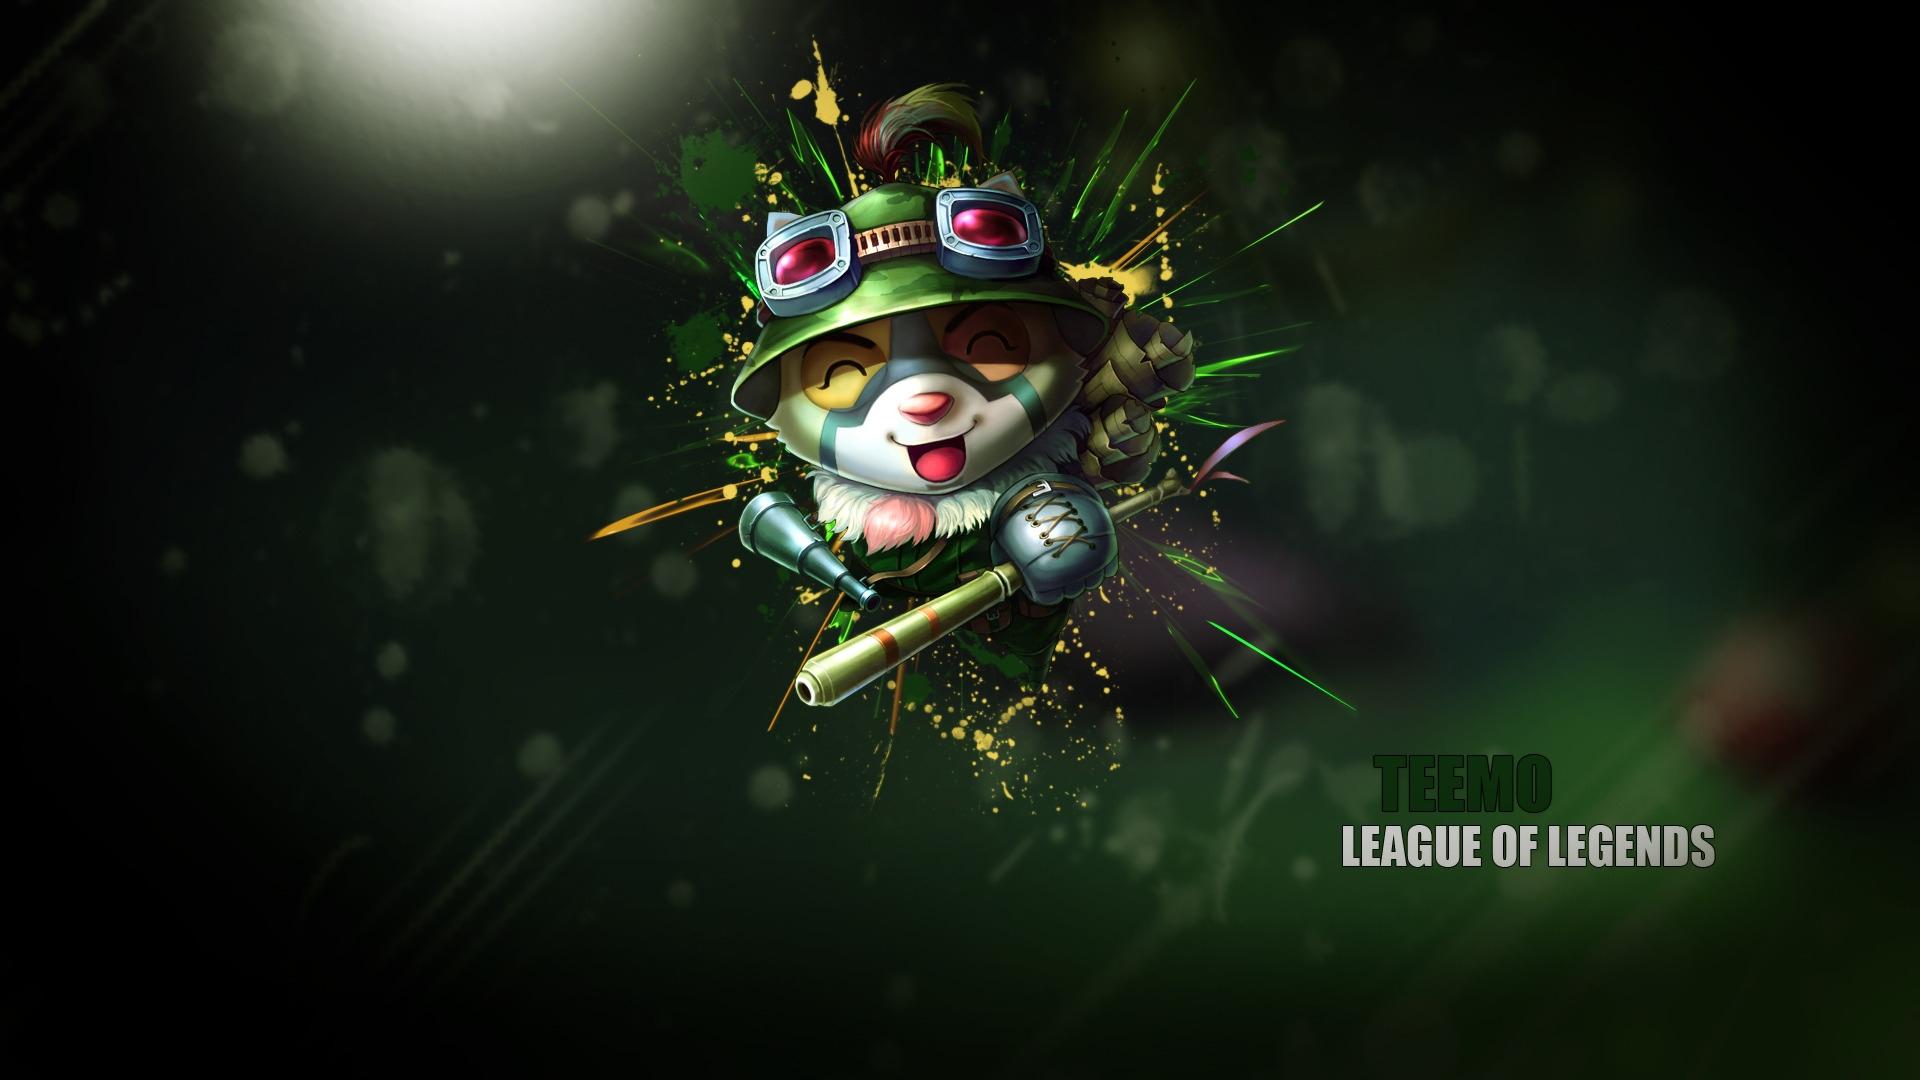 League Of Legends Fantasy Art Video Games Wallpaper 19x1080 Wallpaperup